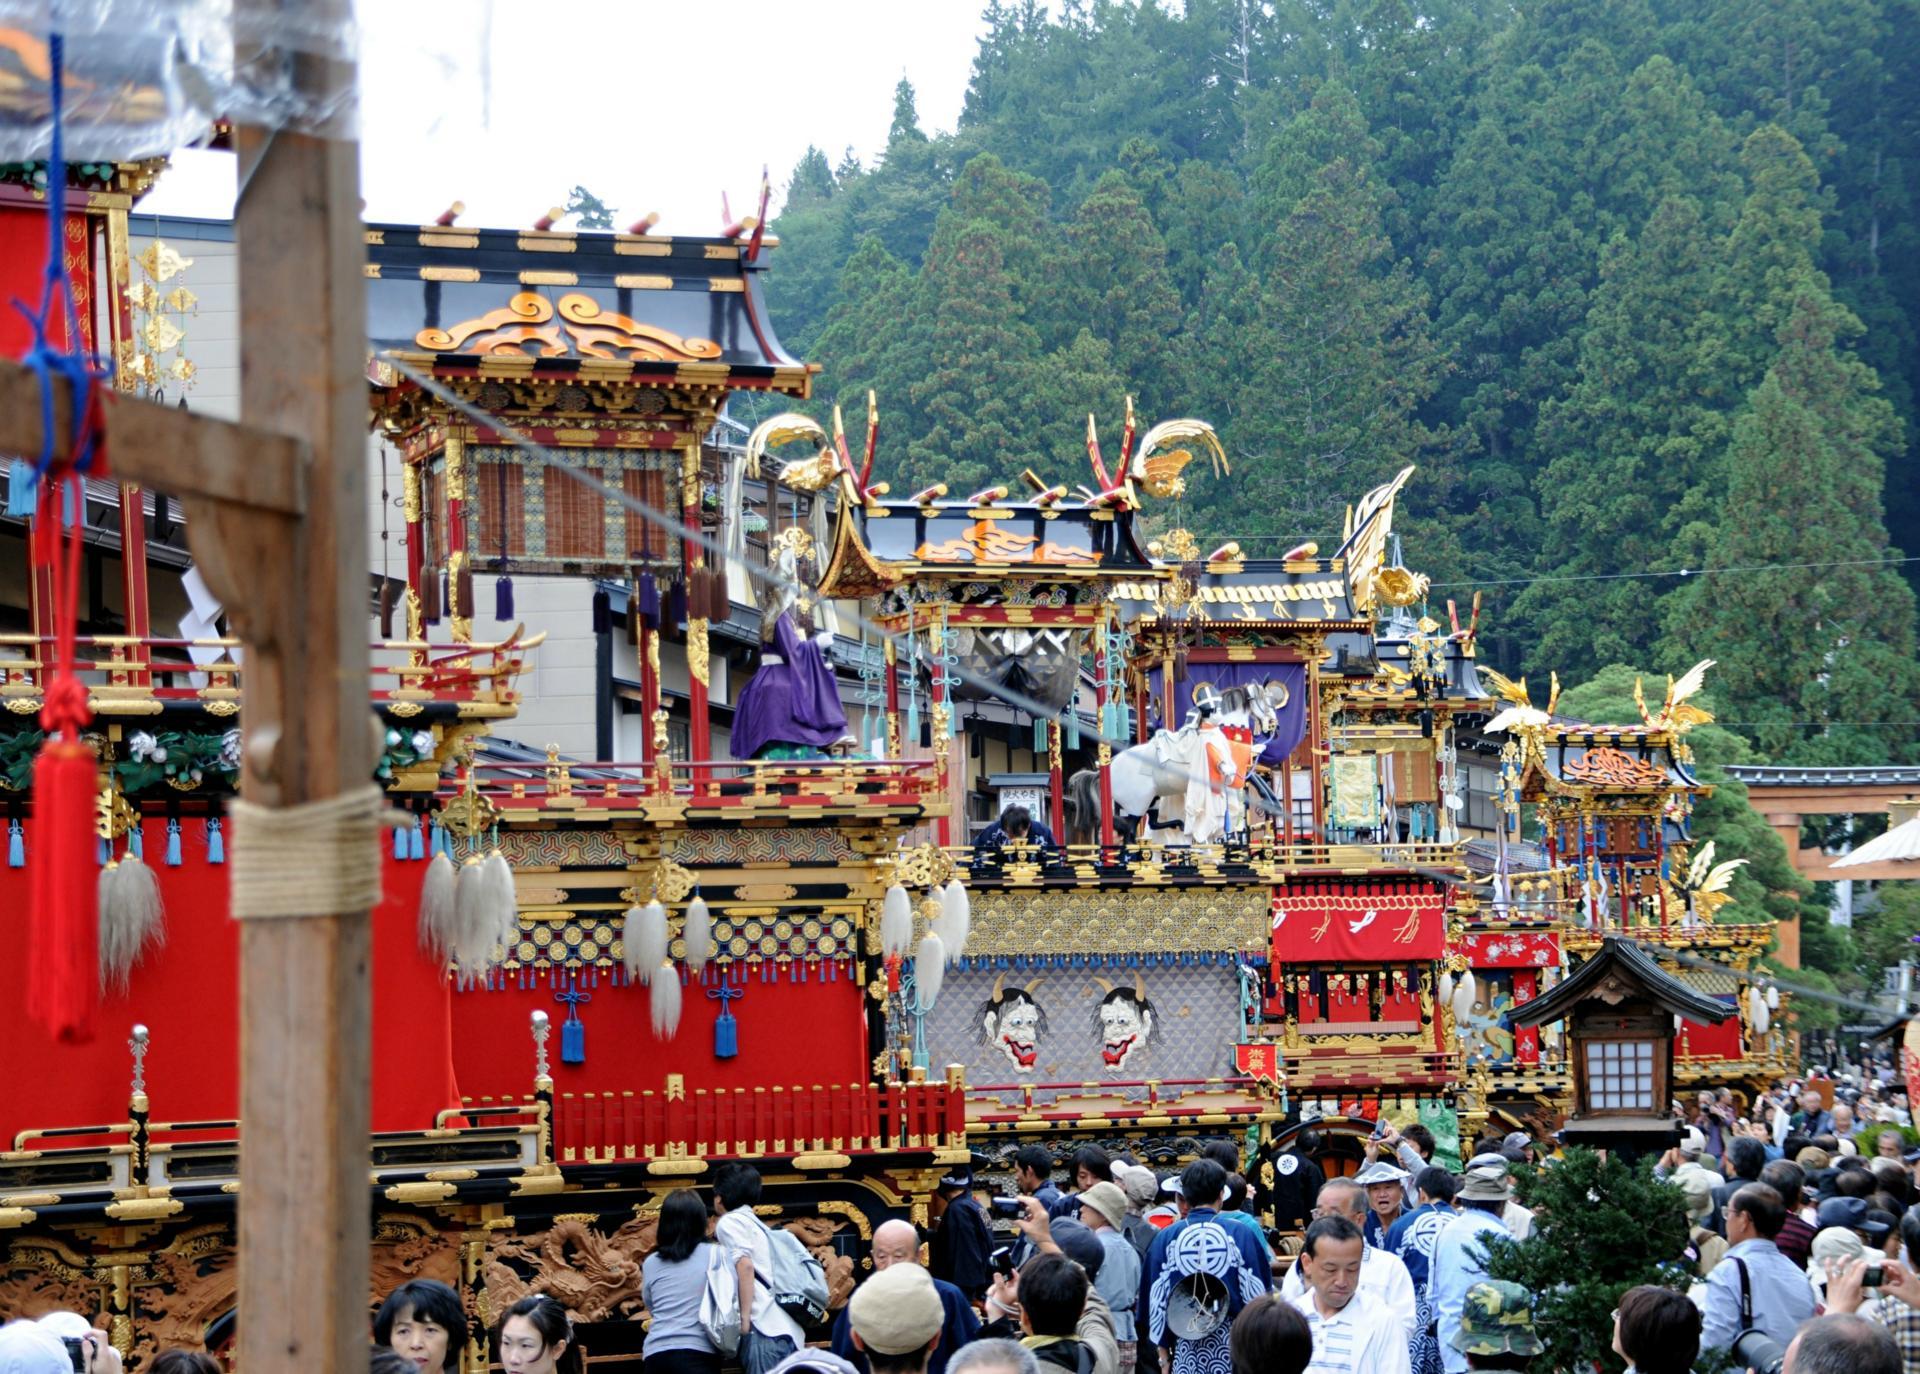 お祭り商店街西参道商店街振興組合-お祭りプラザ-お祭り紹介-高山祭2